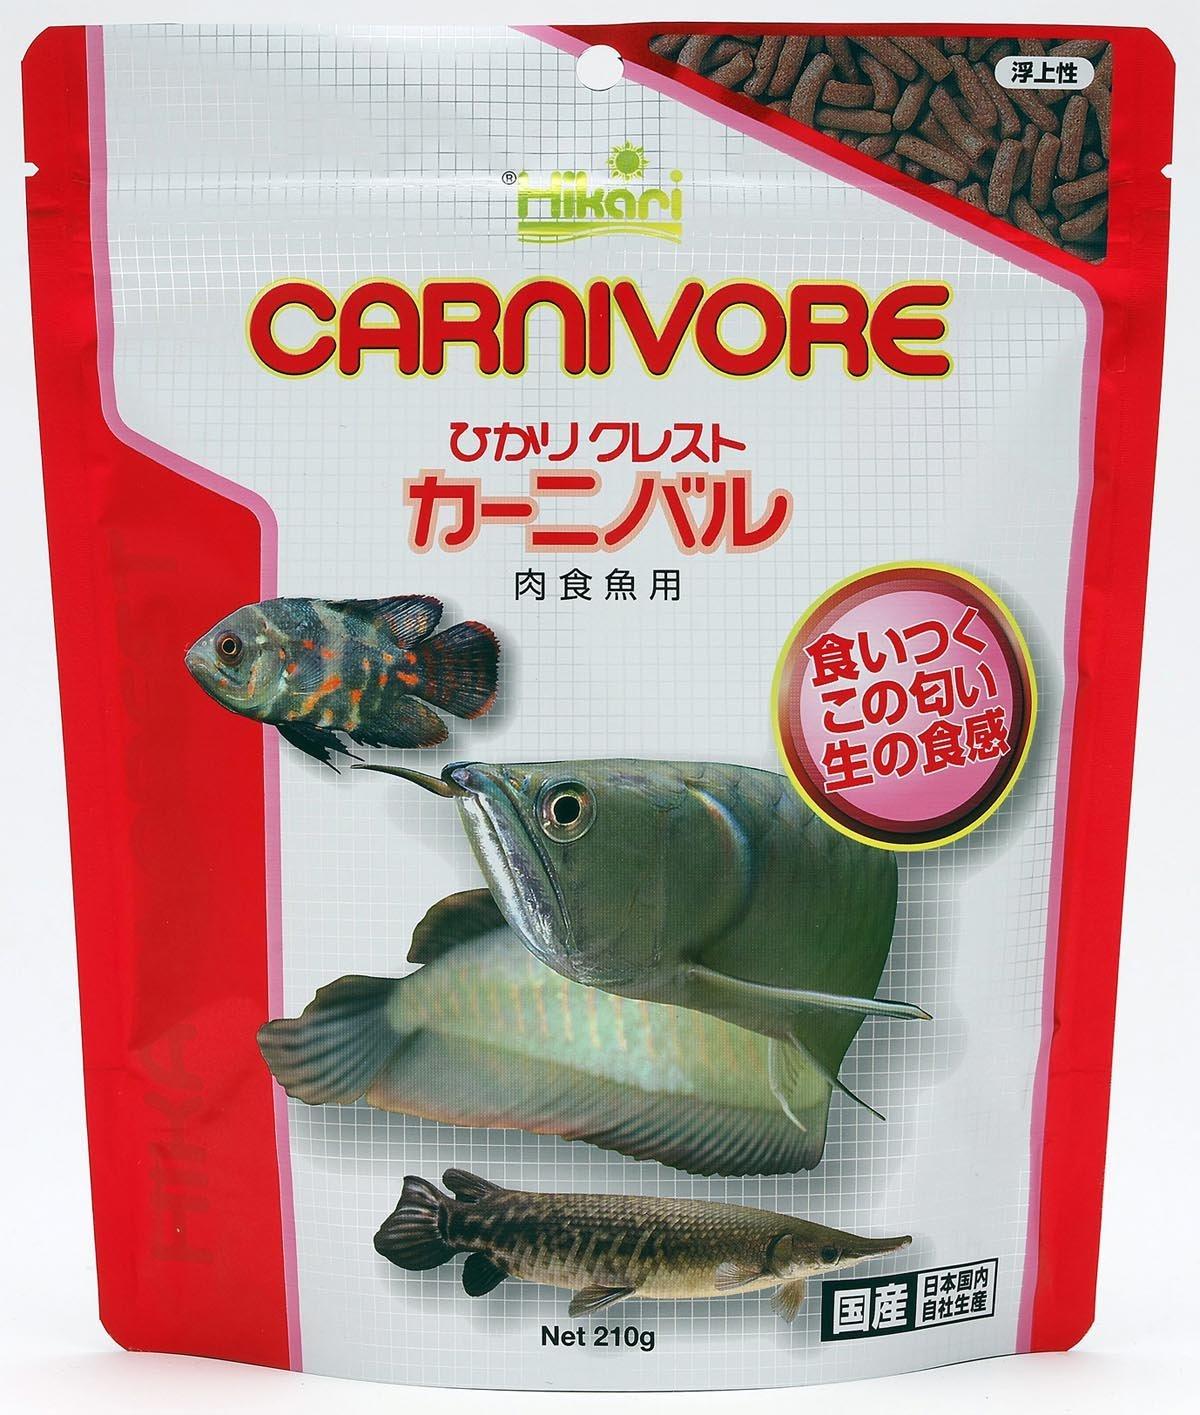 アロワナの餌はカーニバルとスーパーレッドシュリンプをメインに与えています